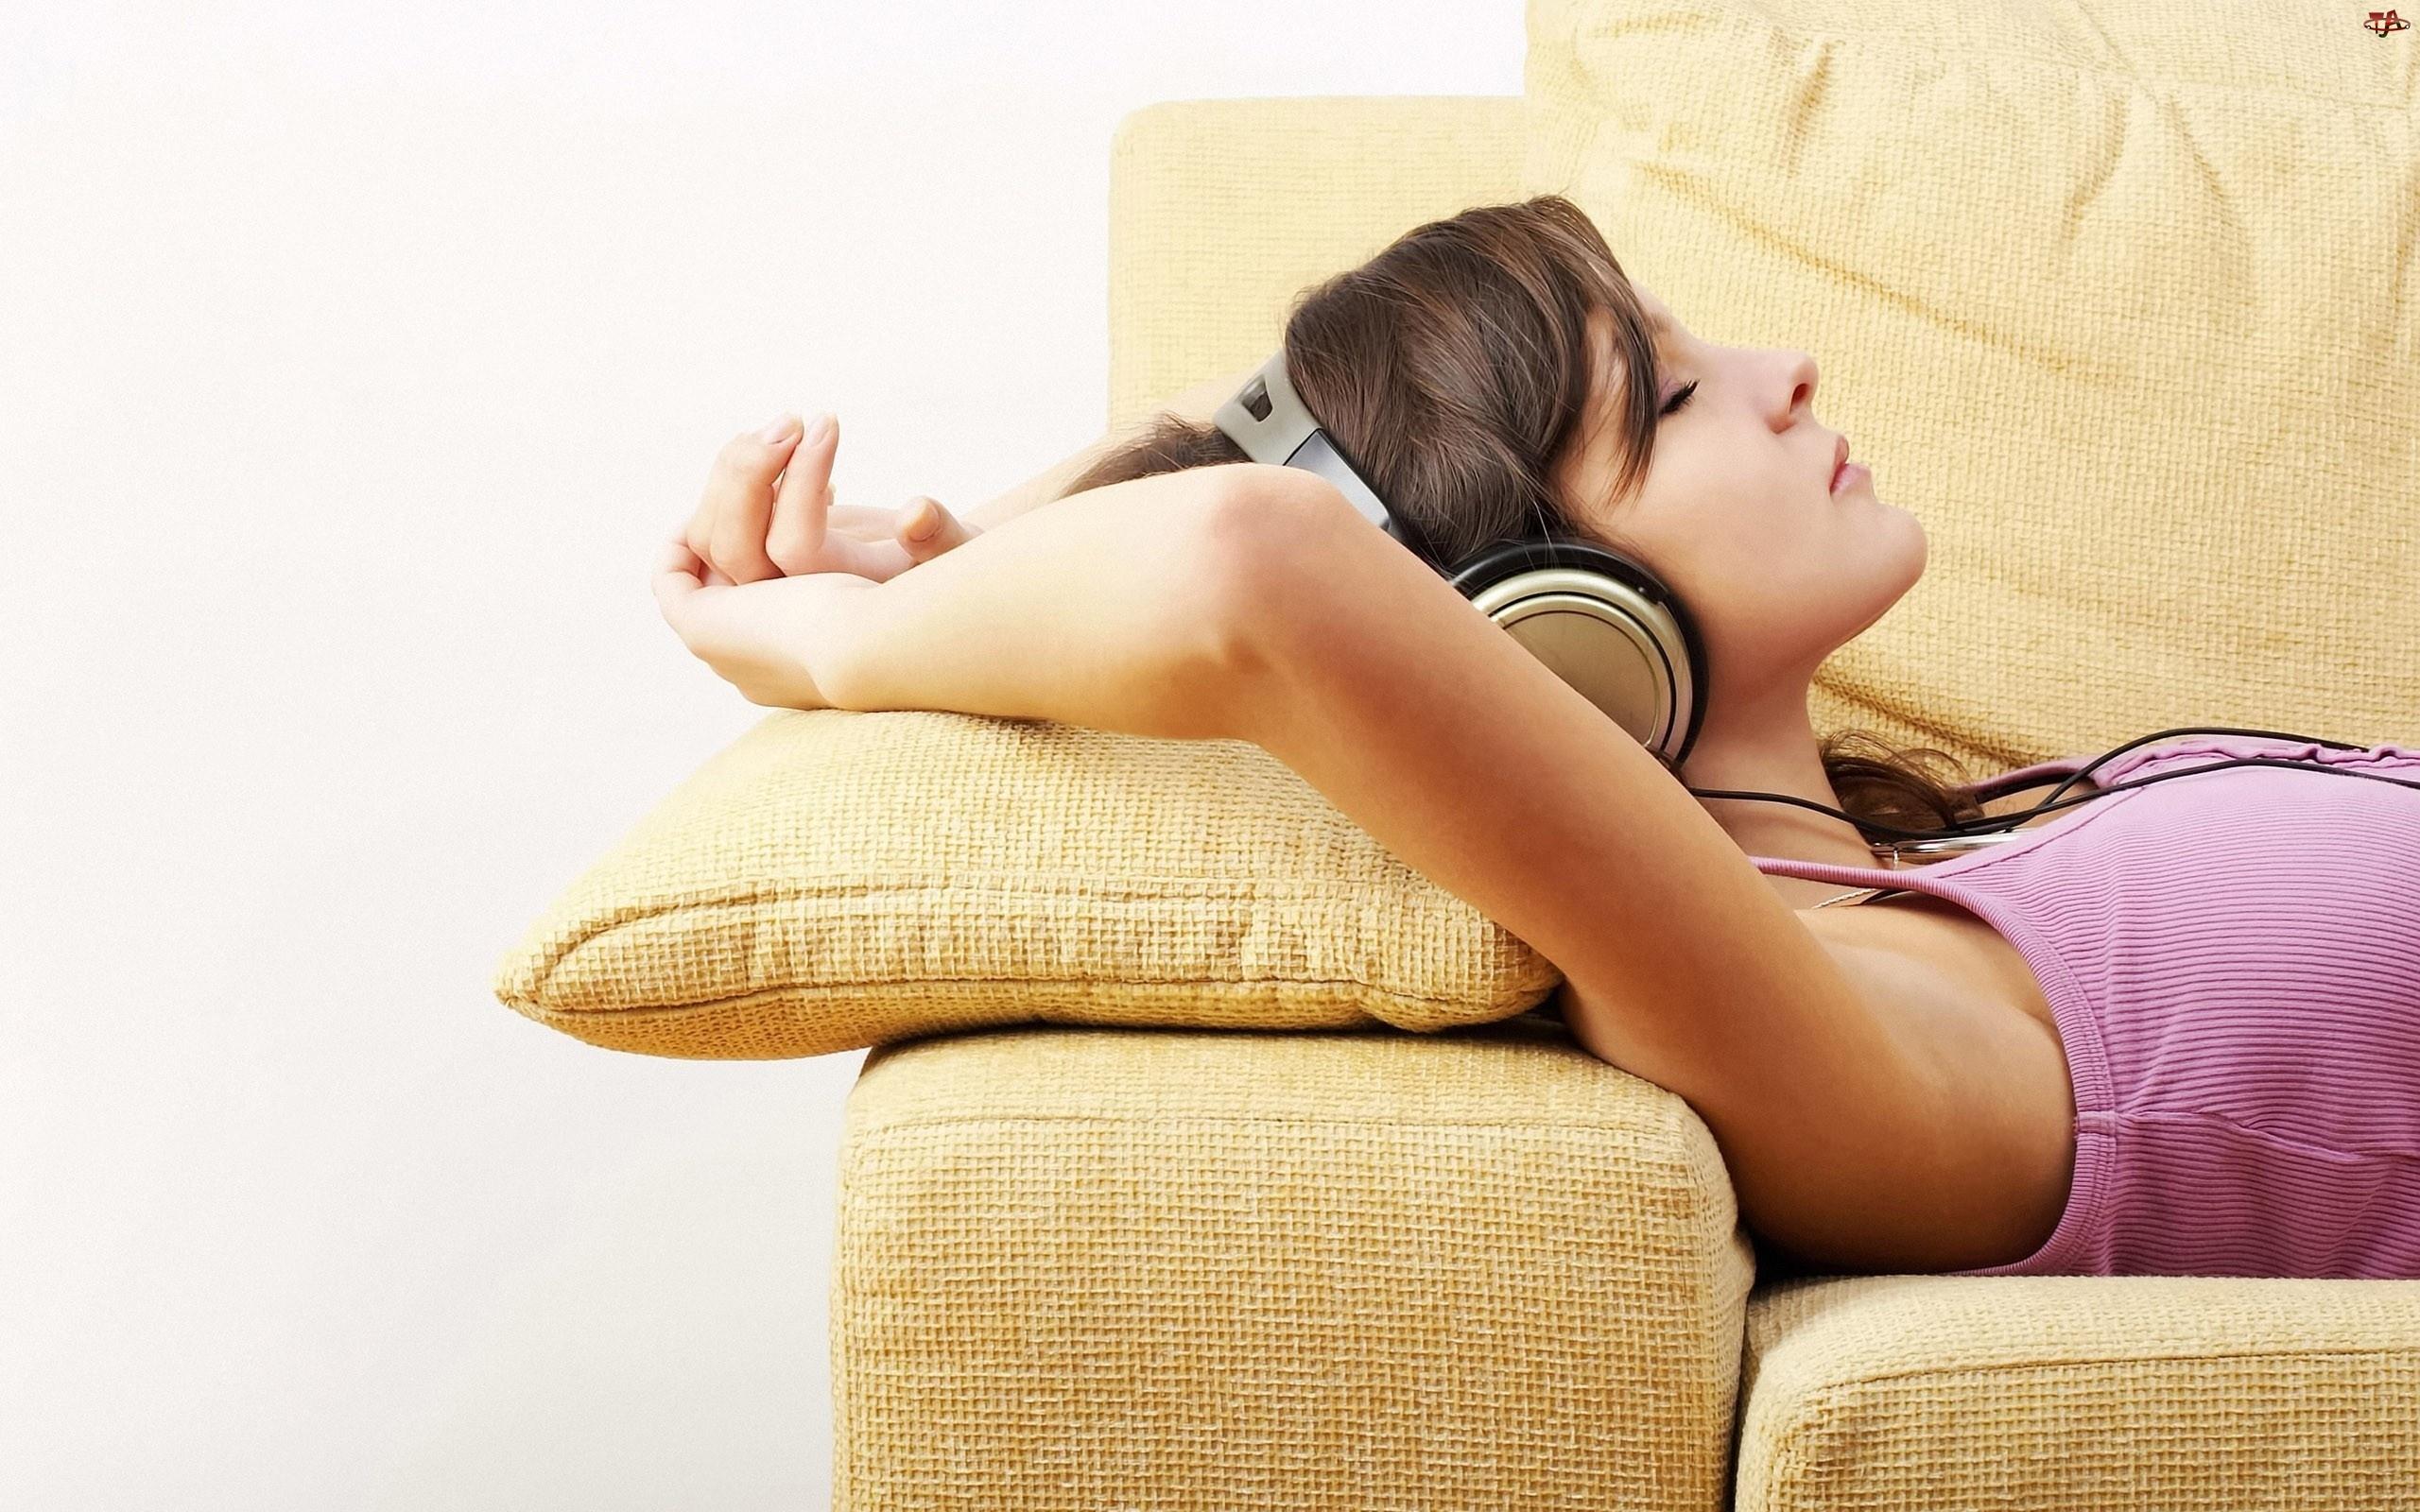 Słuchawki, Kobieta, Sofa, Zasłuchana